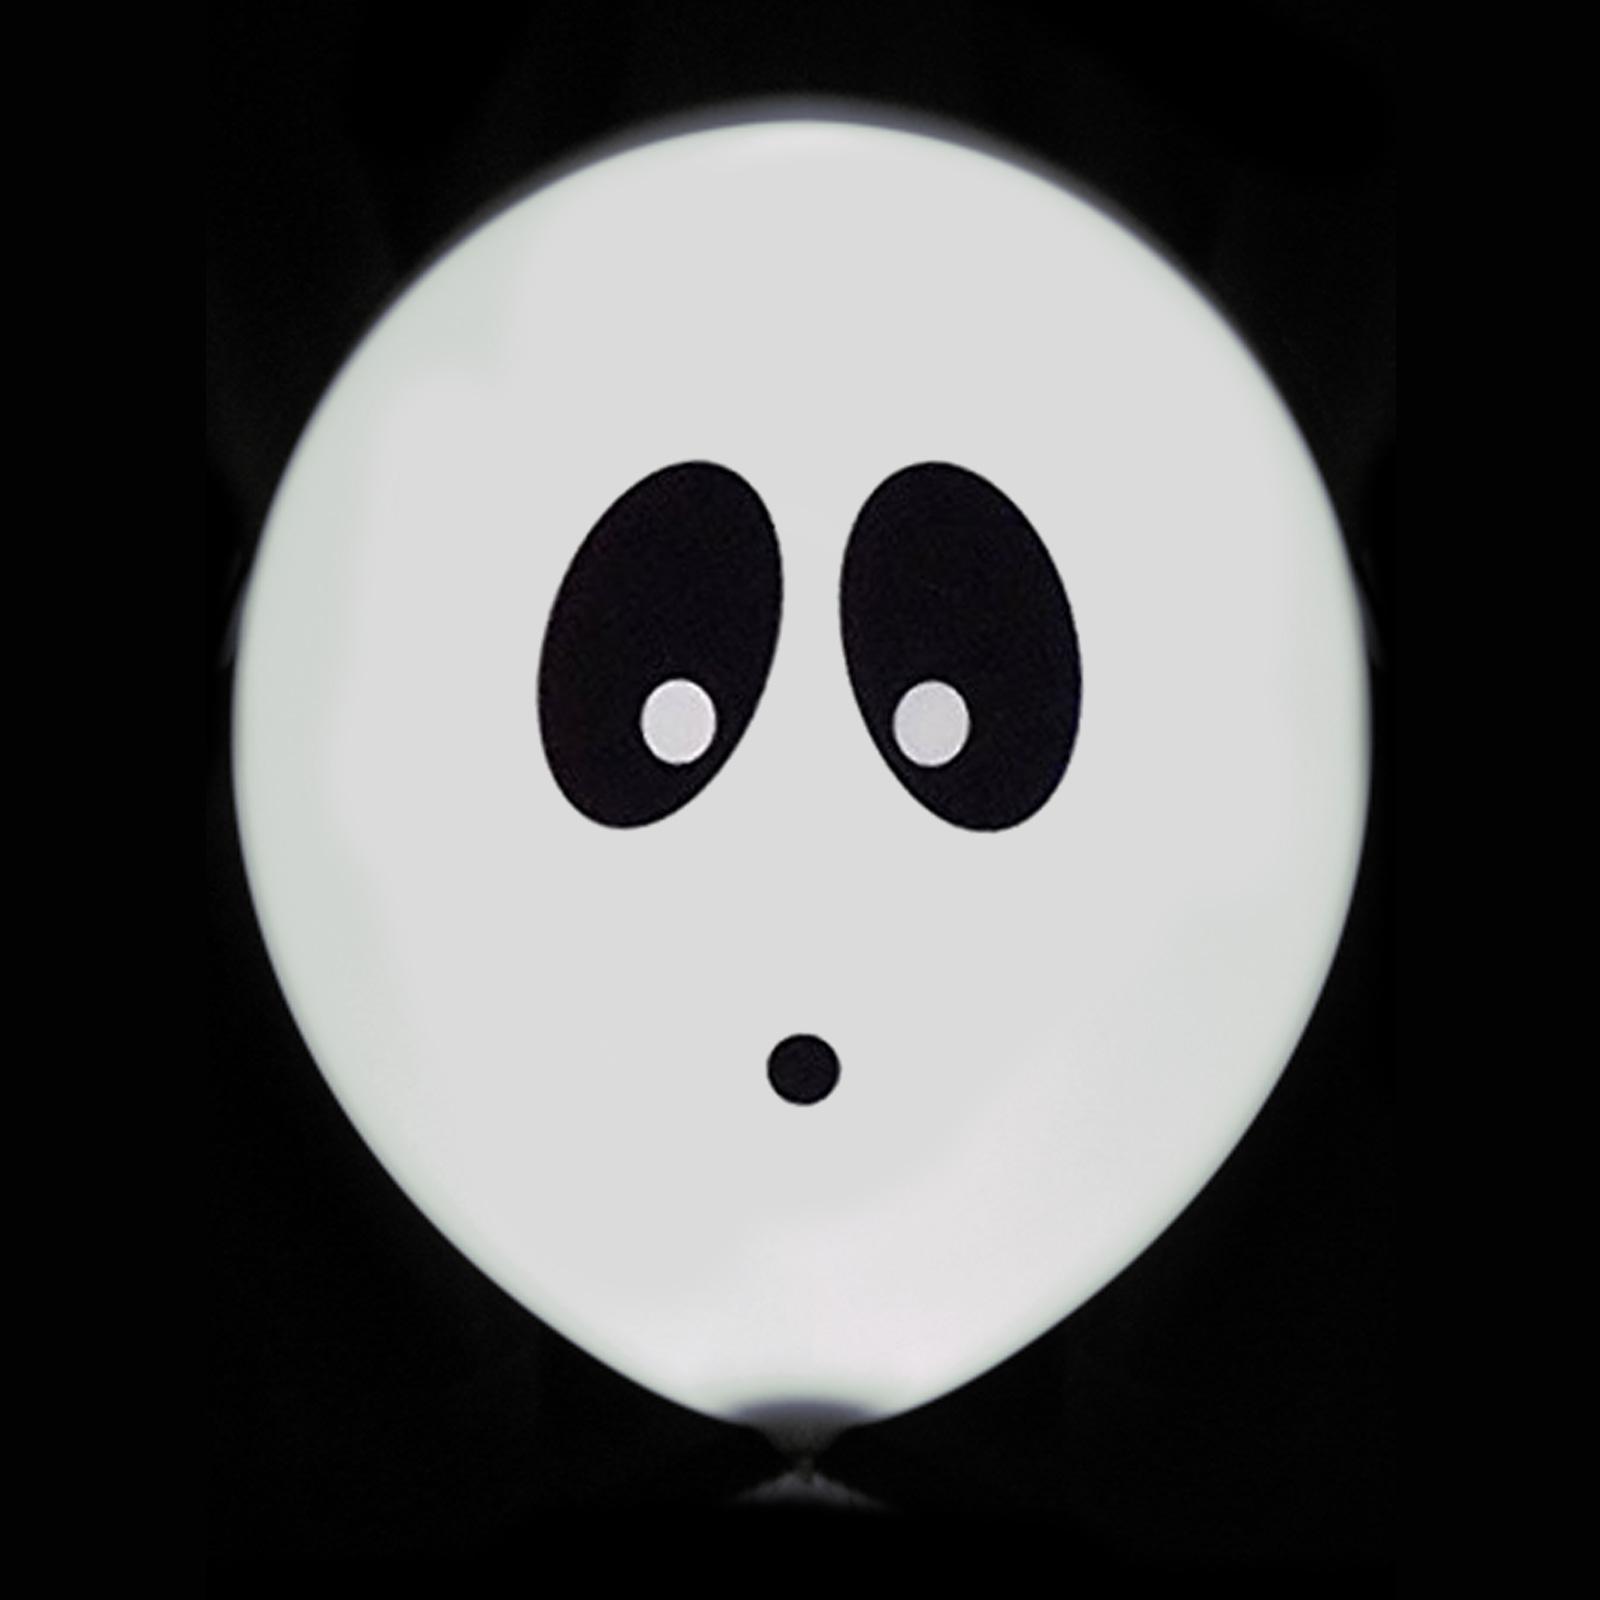 Illoom Light Up Halloween Balloons 5 Pack